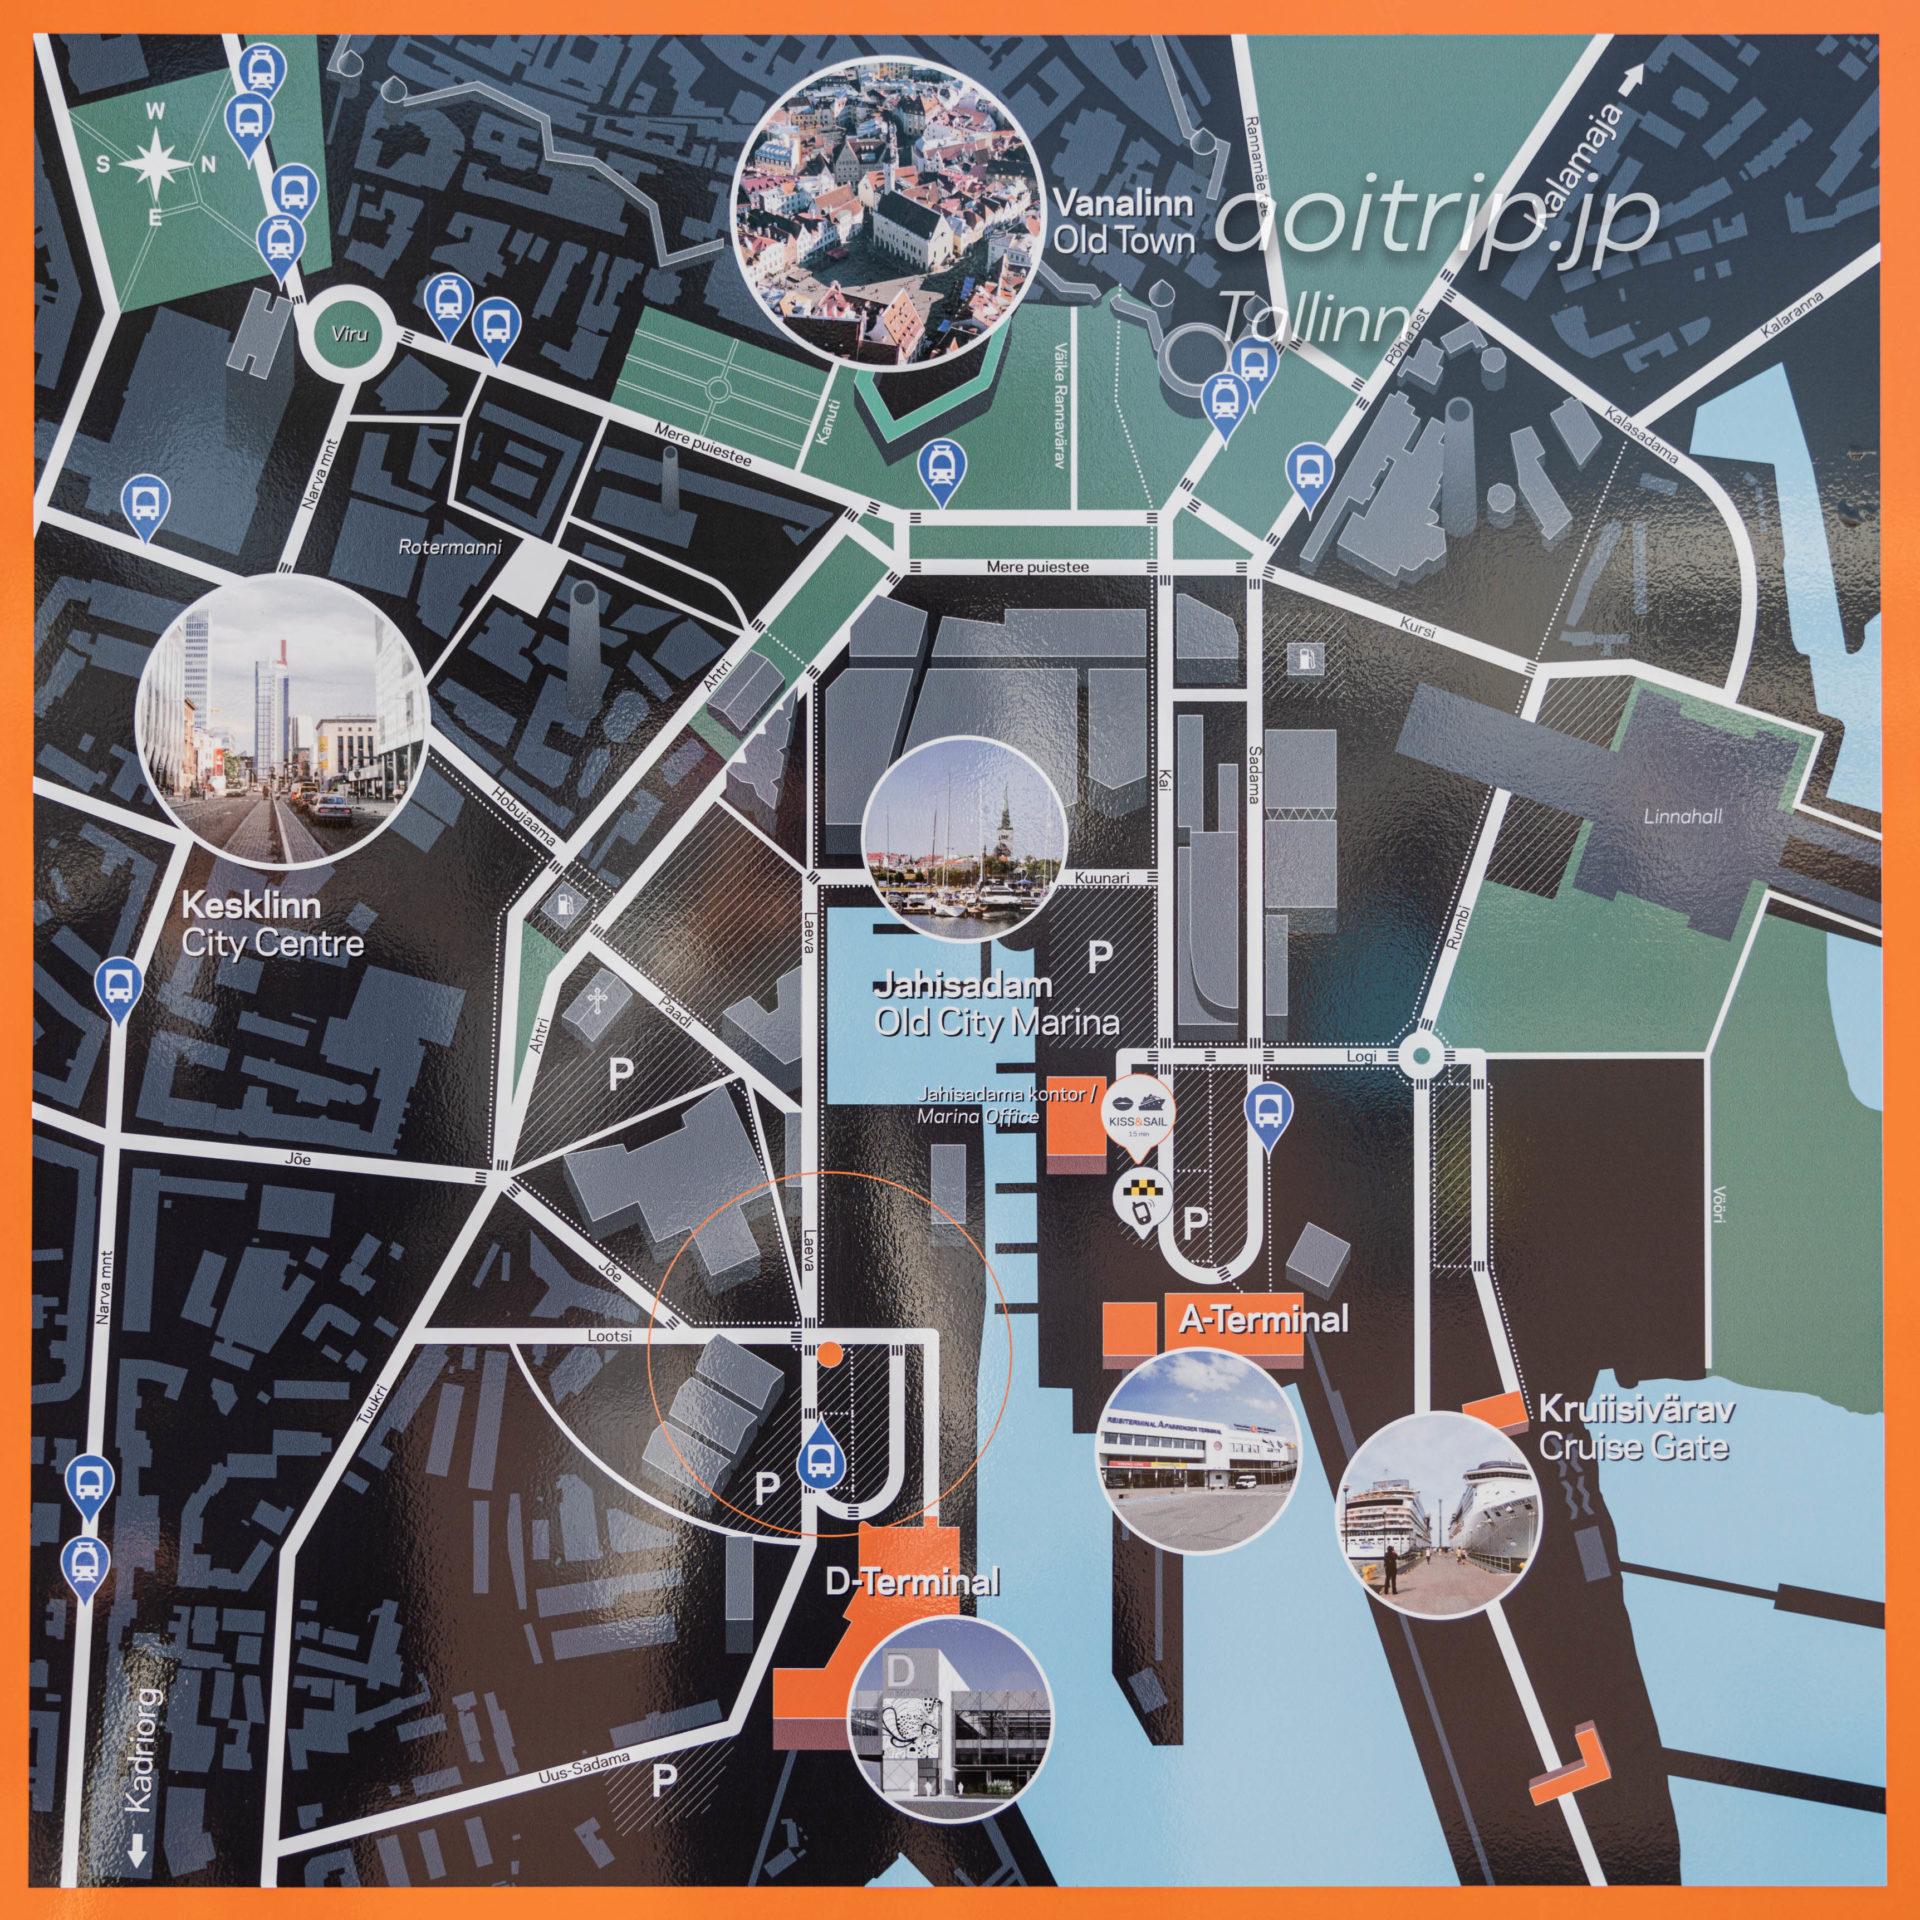 タリン フェリーターミナルの地図